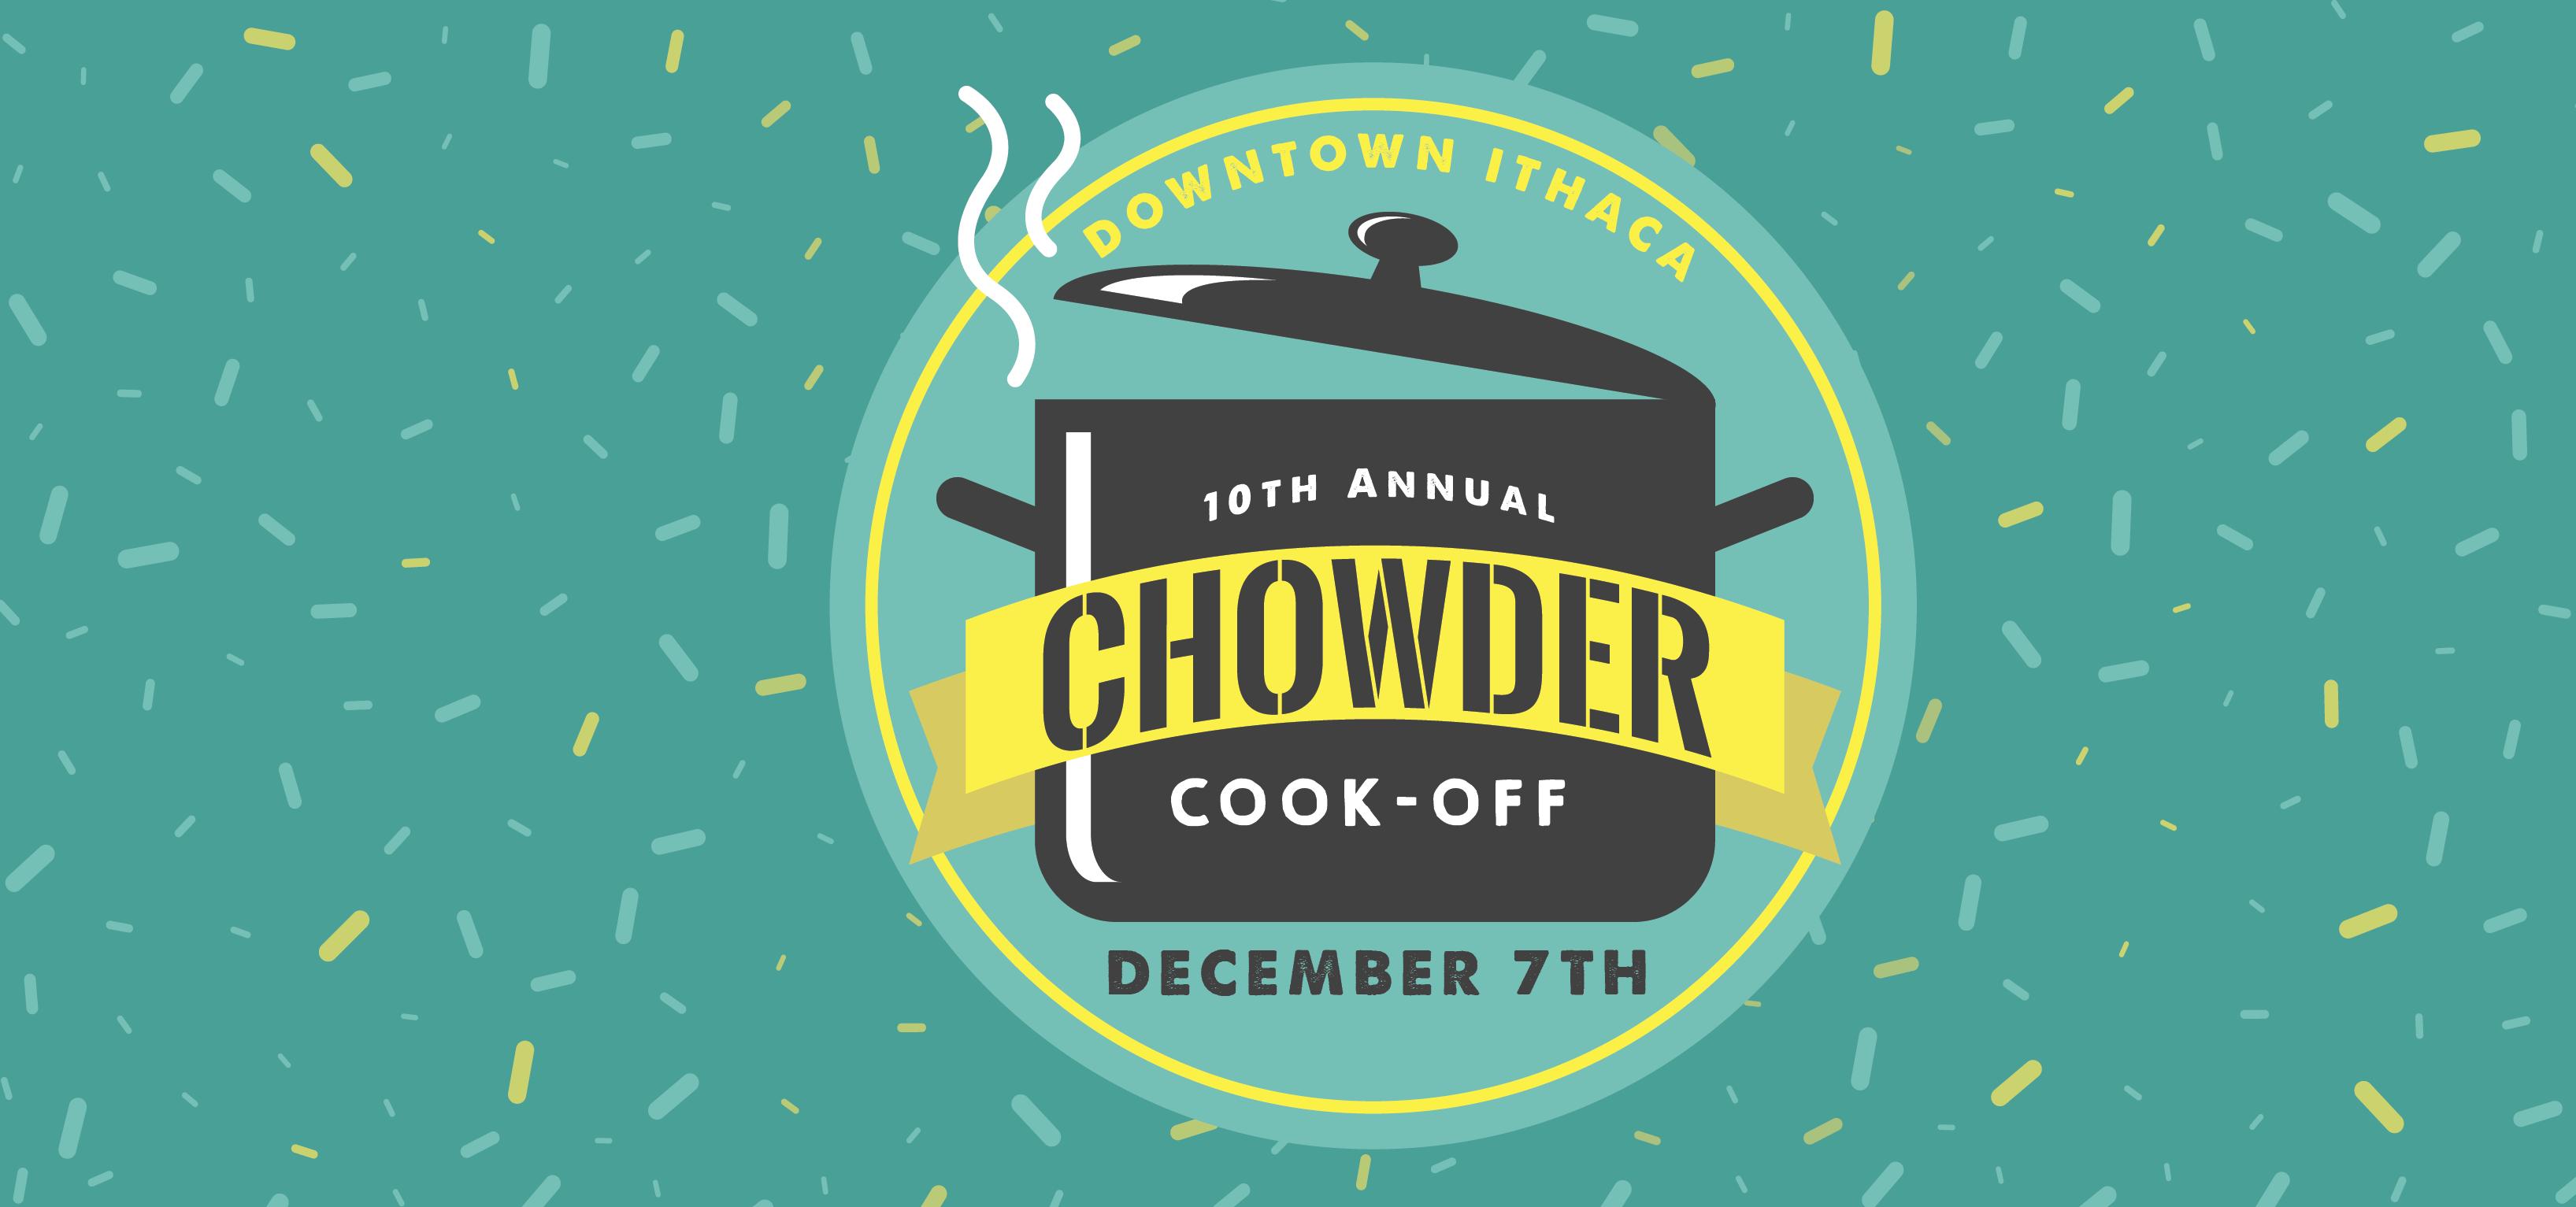 Chowder Cook-Off - Dec. 7, 2019